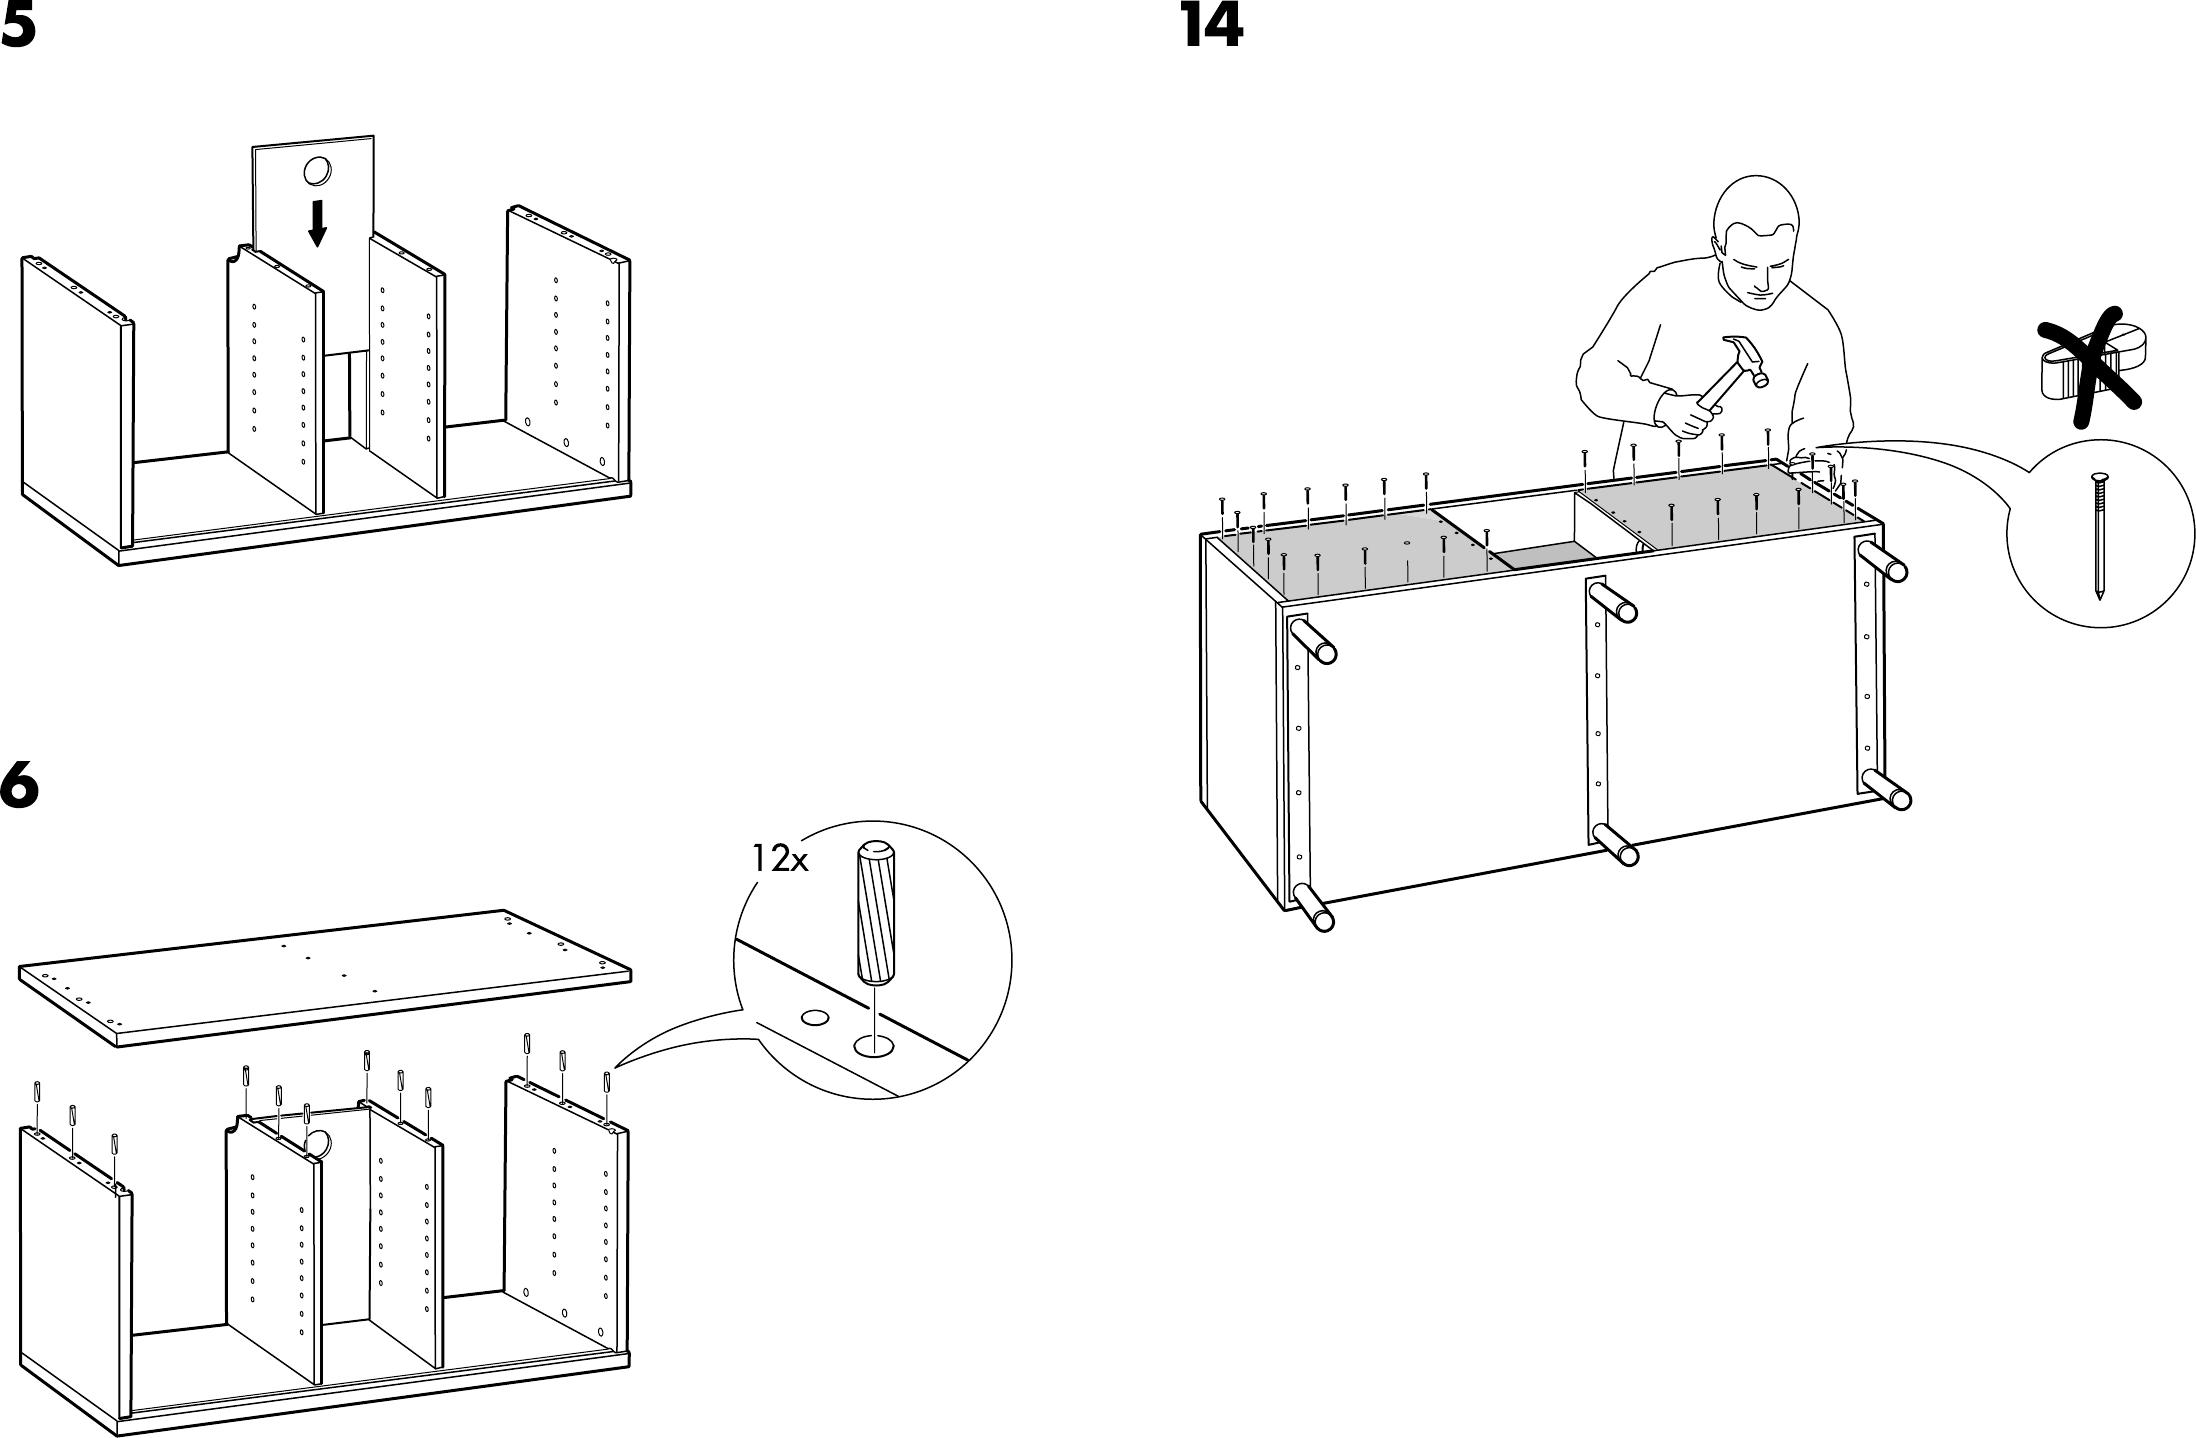 Ikea Tv Meubel.Manual Ikea Magiker Tv Meubel Page 7 Of 8 Dutch